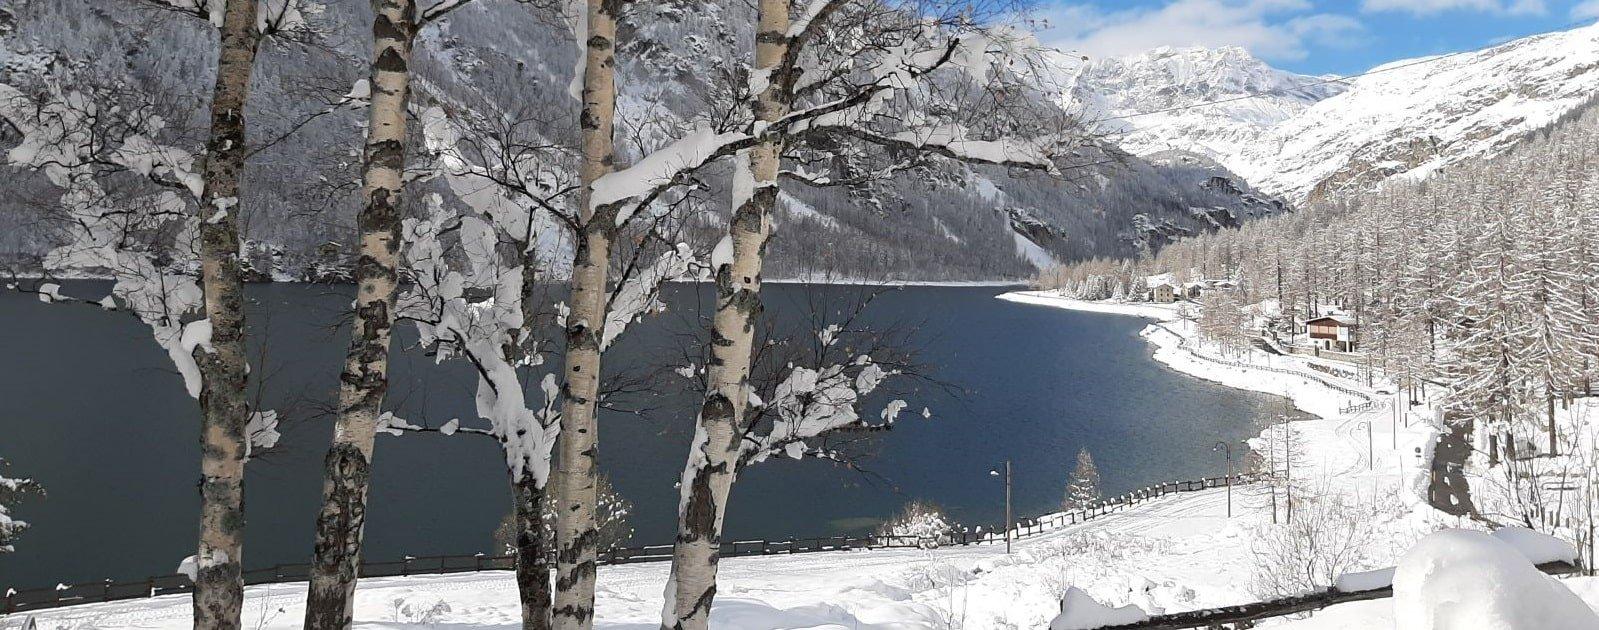 Lago Ceresole Reale